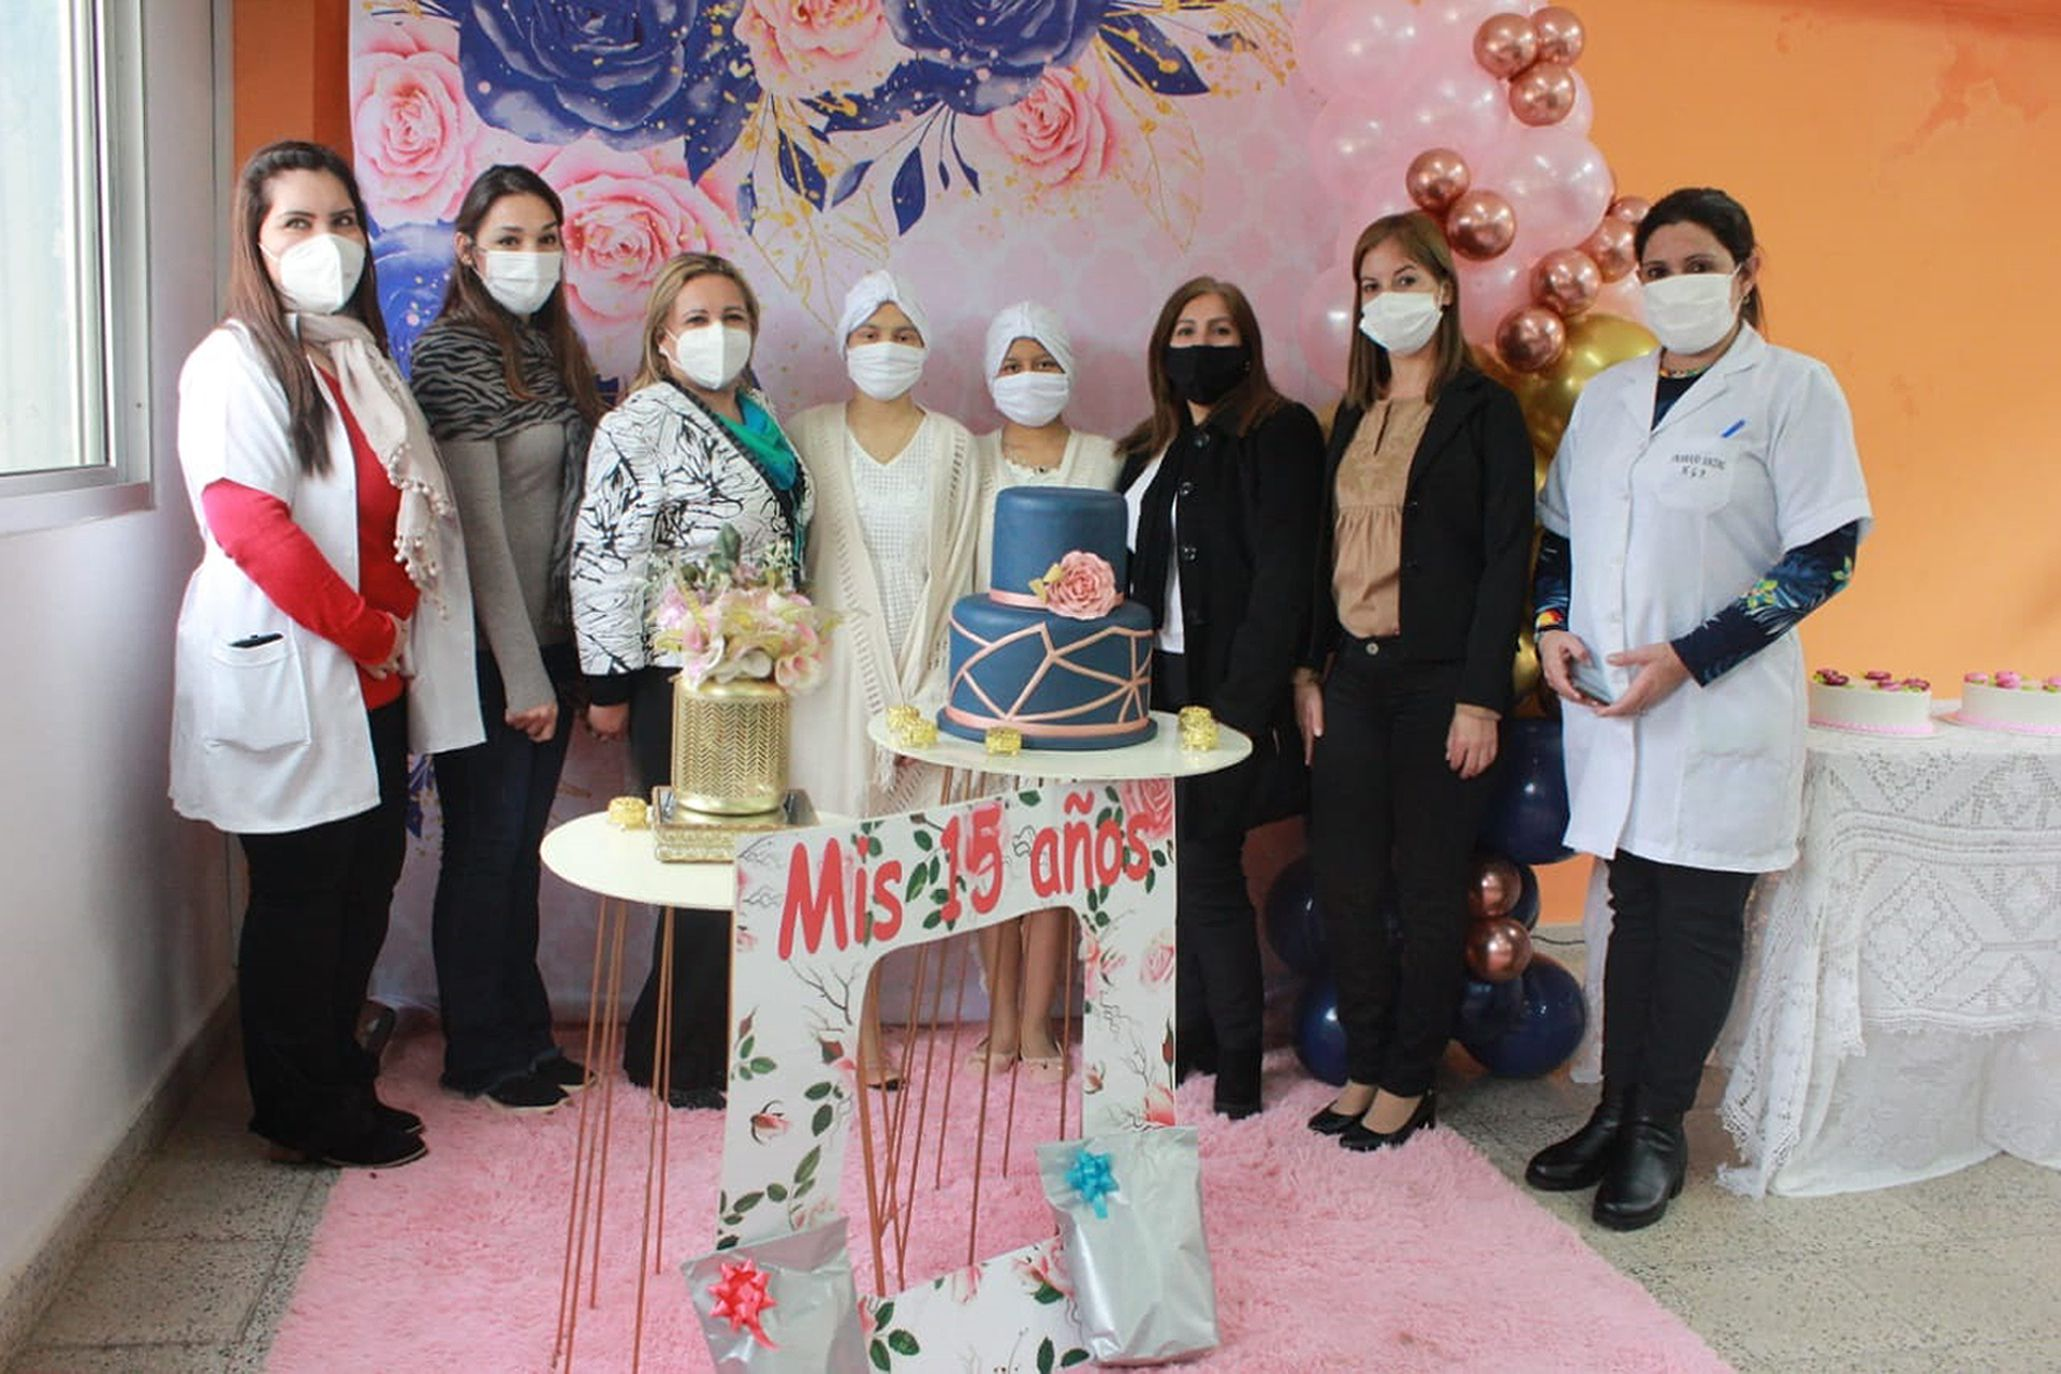 Las quinceañeras rodeadas de las asistentes sociales y personal de salud quienes se encargaron de organizar el festejo.